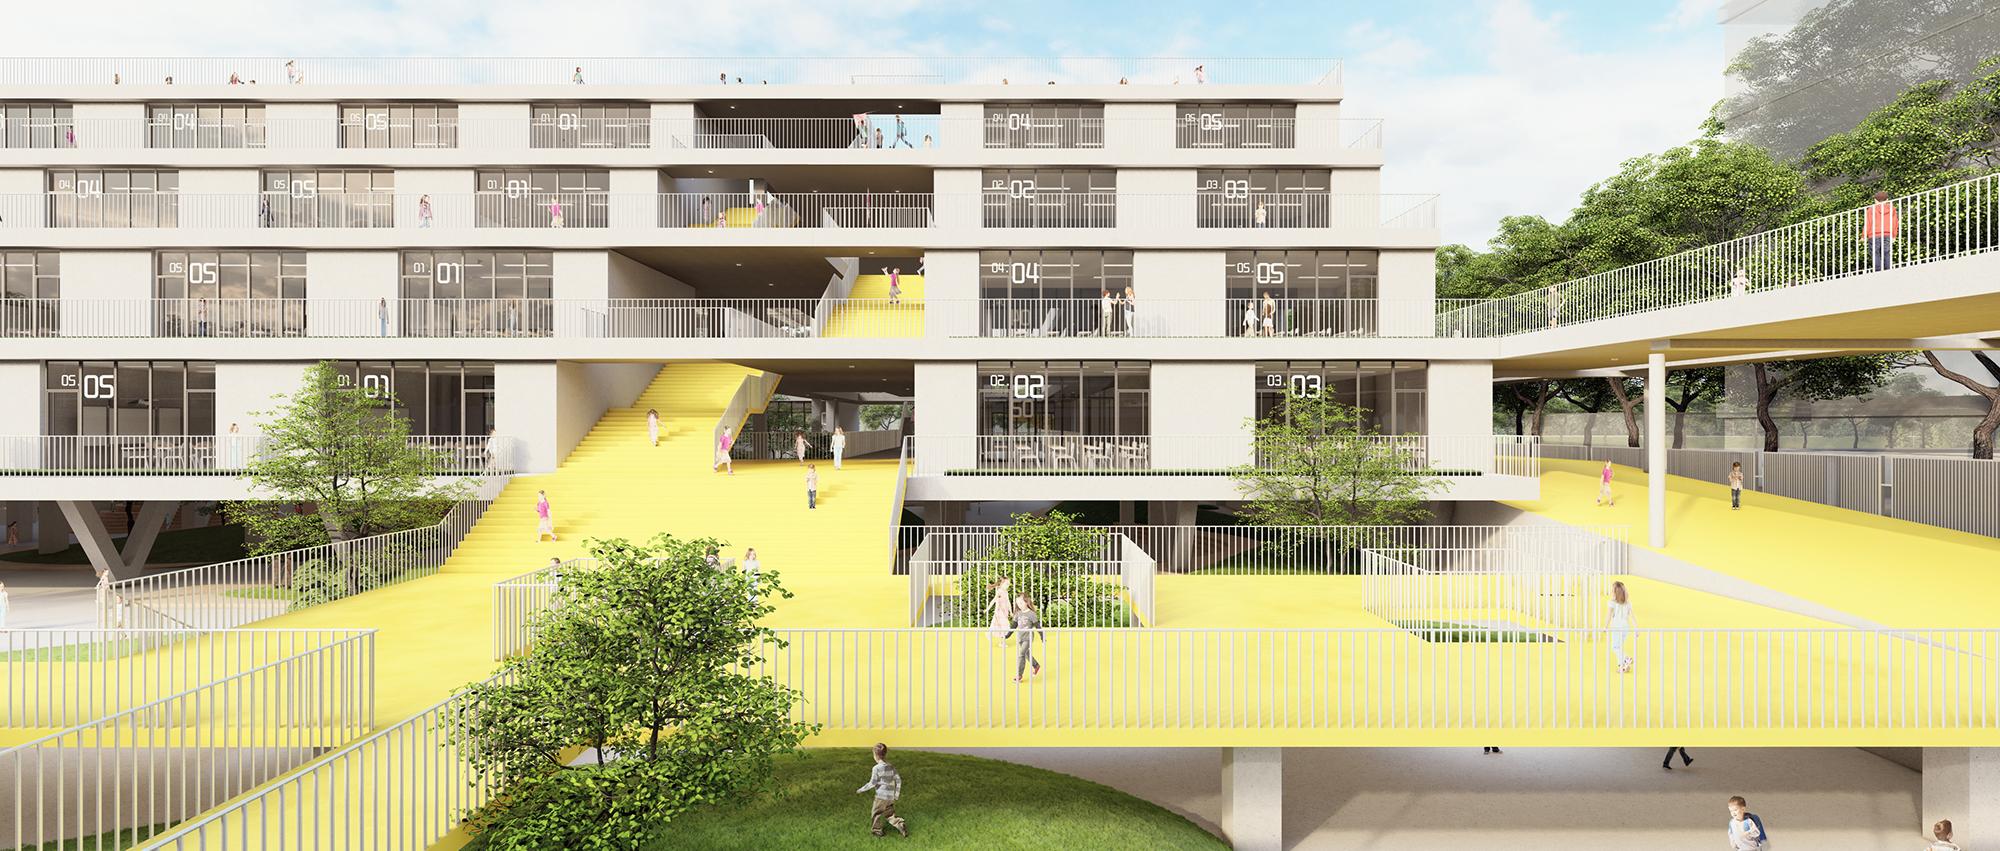 橡皮小学:威海市三十里堡小学设计提案